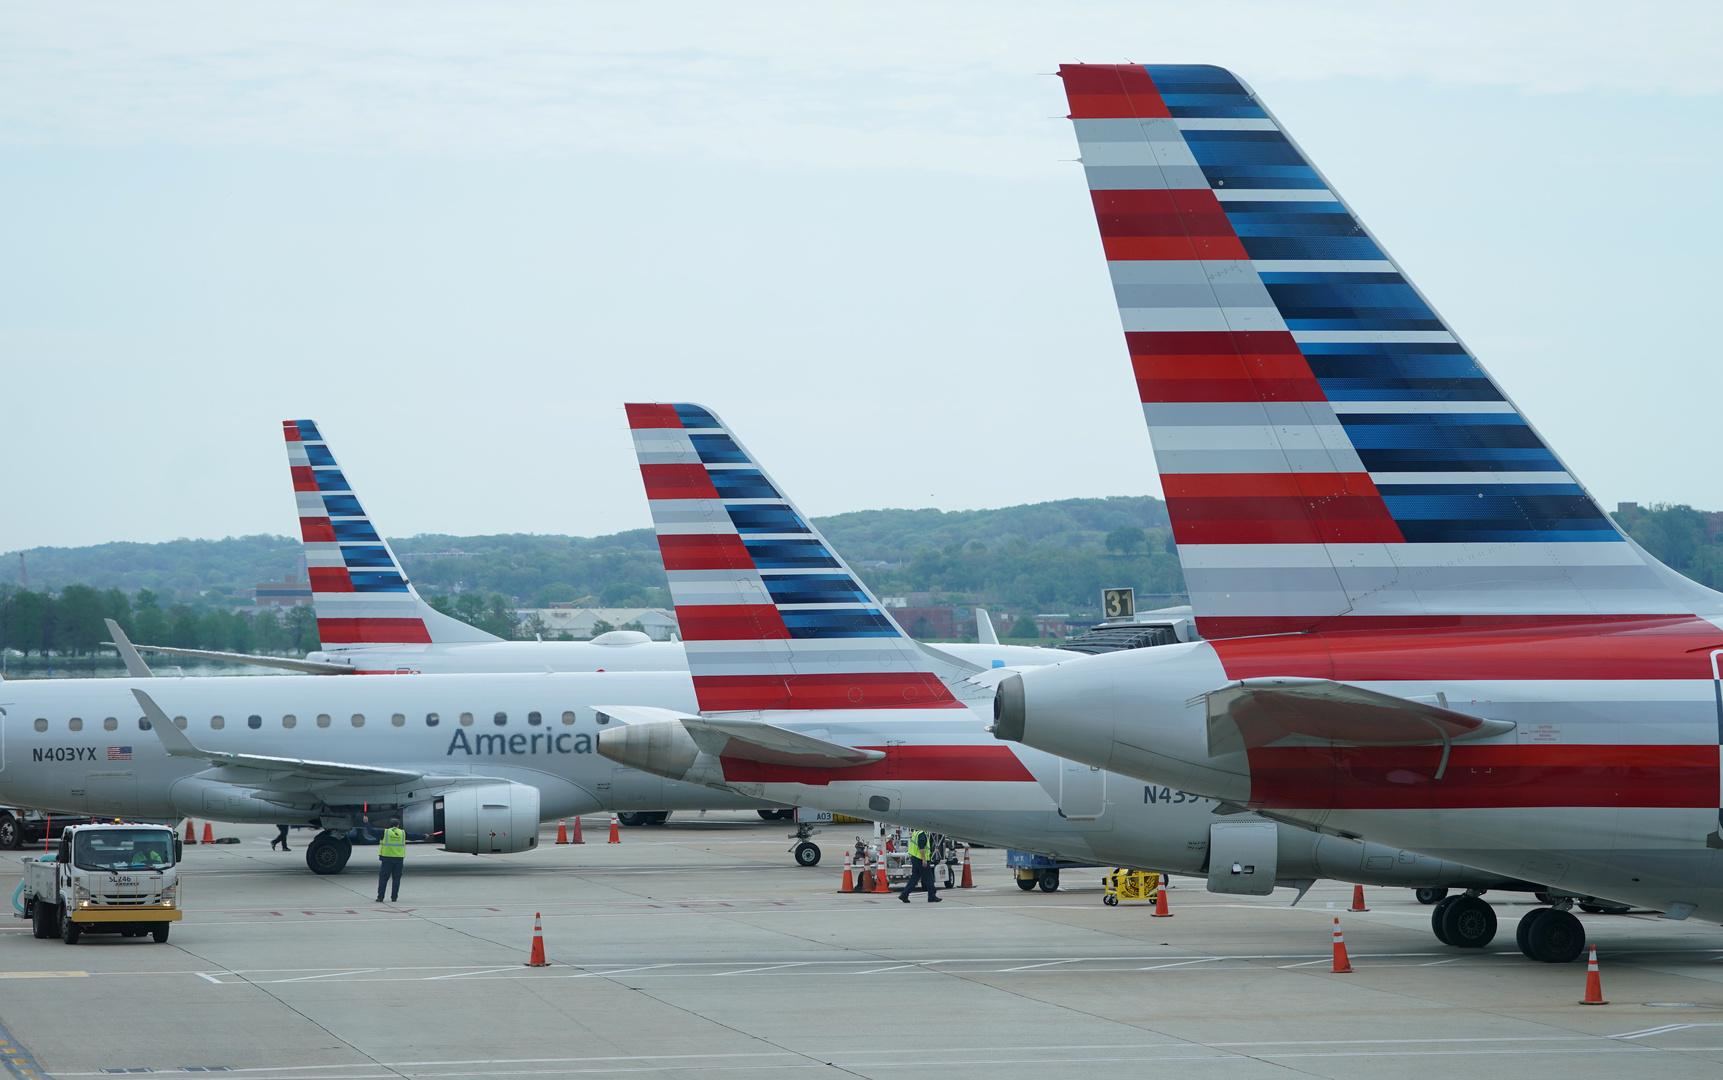 النقل الأمريكية: أعداد الركاب عبر شركات الطيران المحلية هبطت 60% في 2020